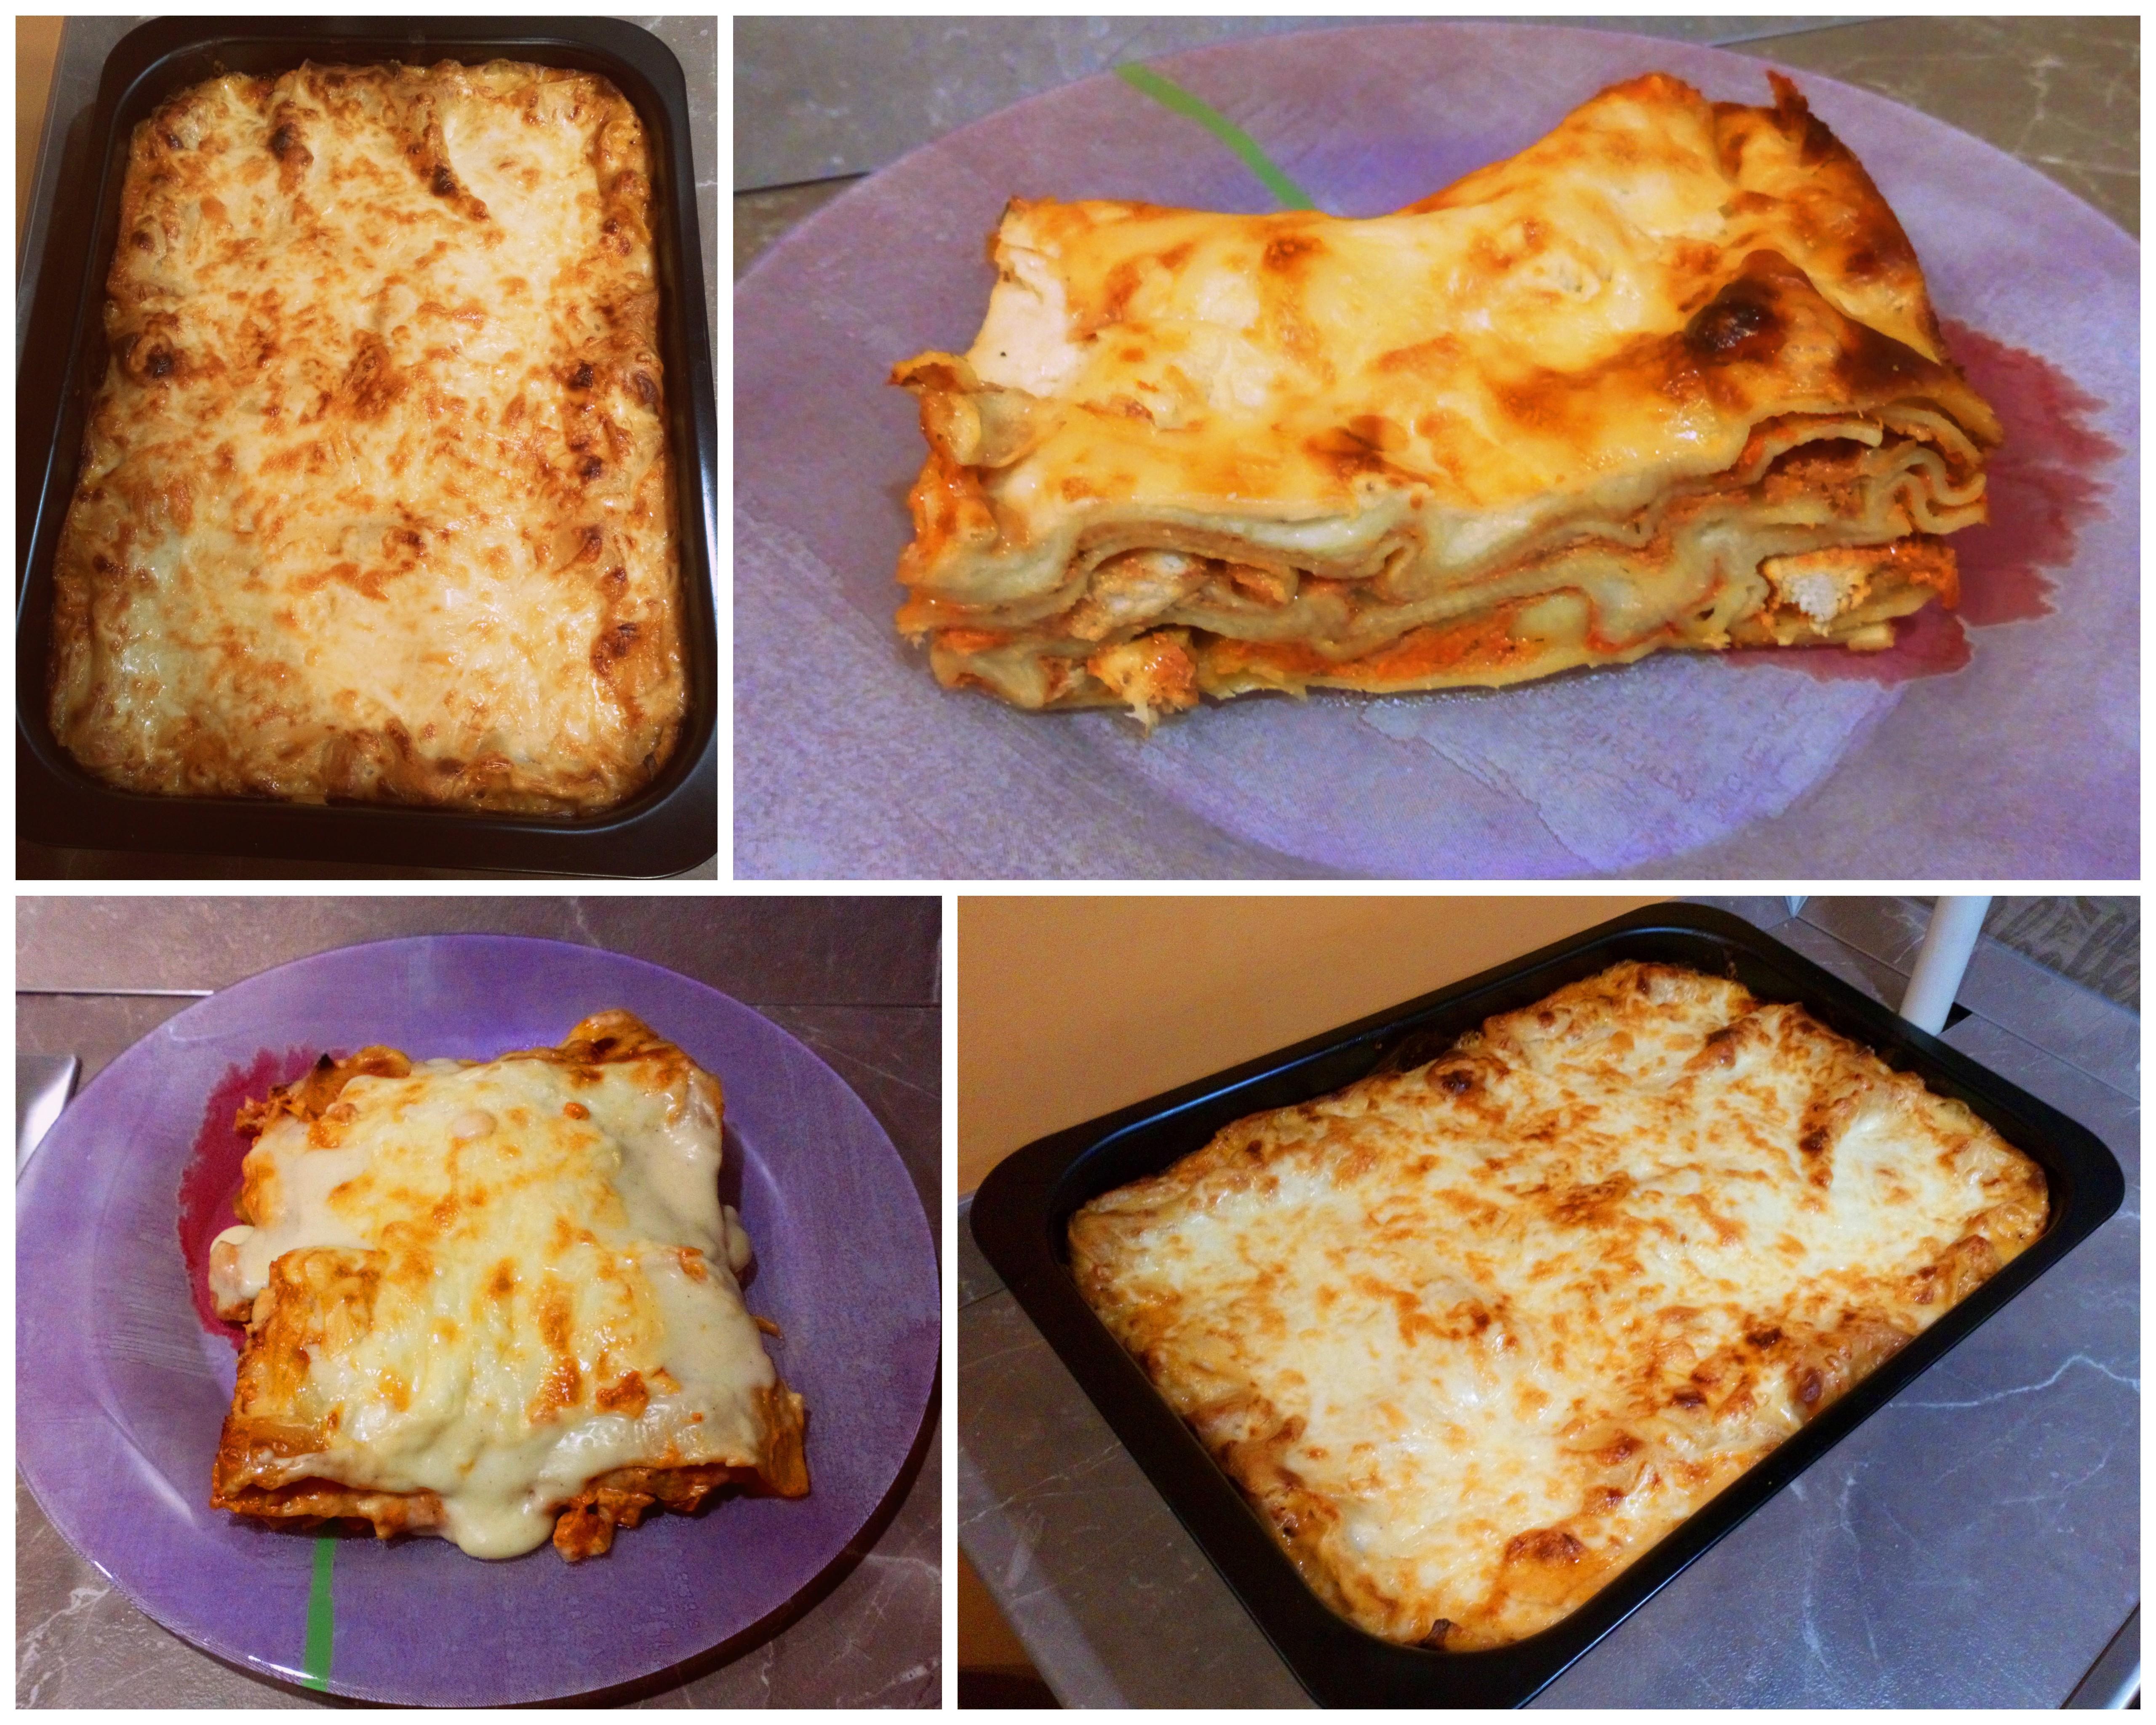 zoldseges-csirkes_lasagne_recept_4.jpg